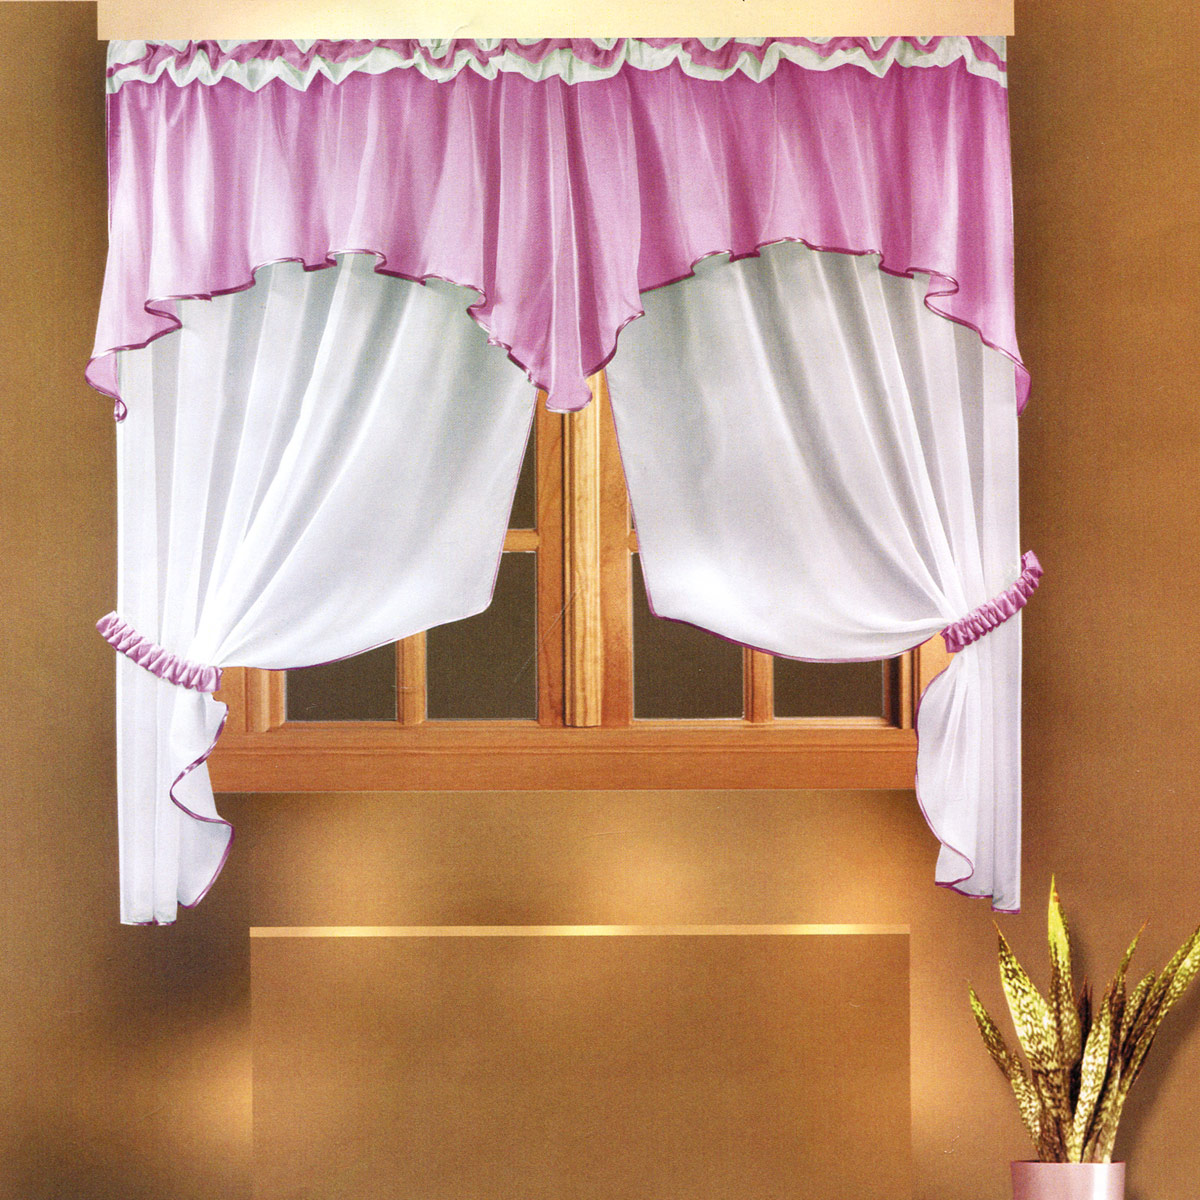 Комплект штор Zlata Korunka, на ленте, цвет: сиреневый, высота 160 см. Б026Б026Роскошный комплект штор Zlata Korunka, выполненный из полиэстера, великолепно украсит любое окно. Комплект состоит из ламбрекена и тюля. Воздушная ткань и приятная, приглушенная гамма привлекут к себе внимание и органично впишутся в интерьер помещения. Этот комплект будет долгое время радовать вас и вашу семью! Шторы крепятся на карниз при помощи ленты, которая поможет красиво и равномерно задрапировать верх. Тюль можно зафиксировать в одном положении с помощью двух подхватов, которые также можно задрапировать.